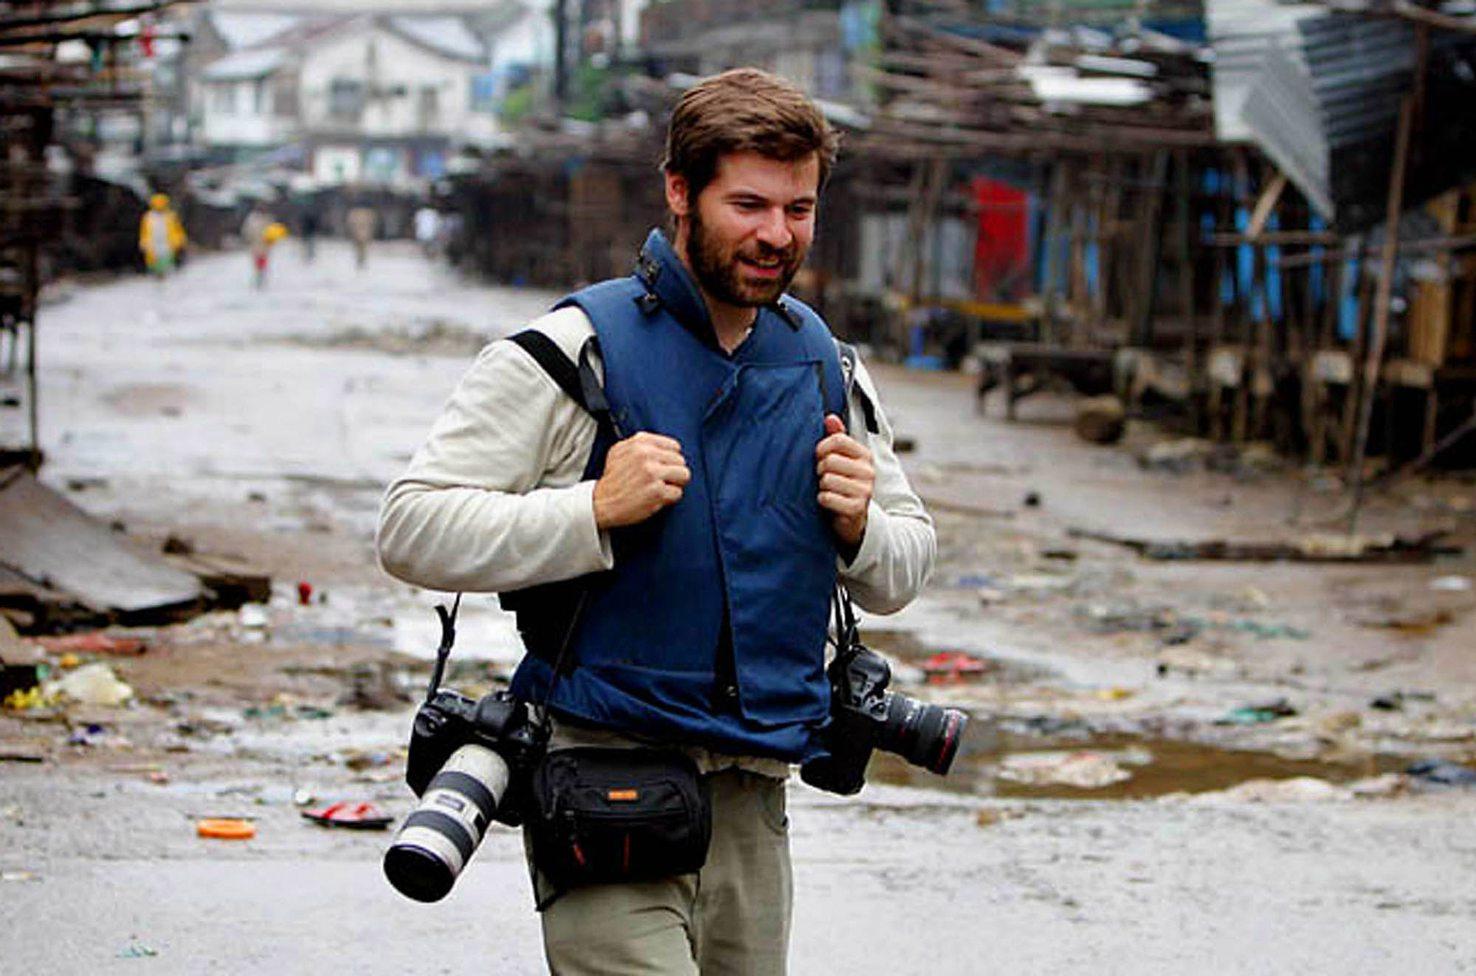 Журналист – это интересная профессия для общительных и любознательных людей, она предполагает постоянное общение с разными людьми и участие в мероприятиях